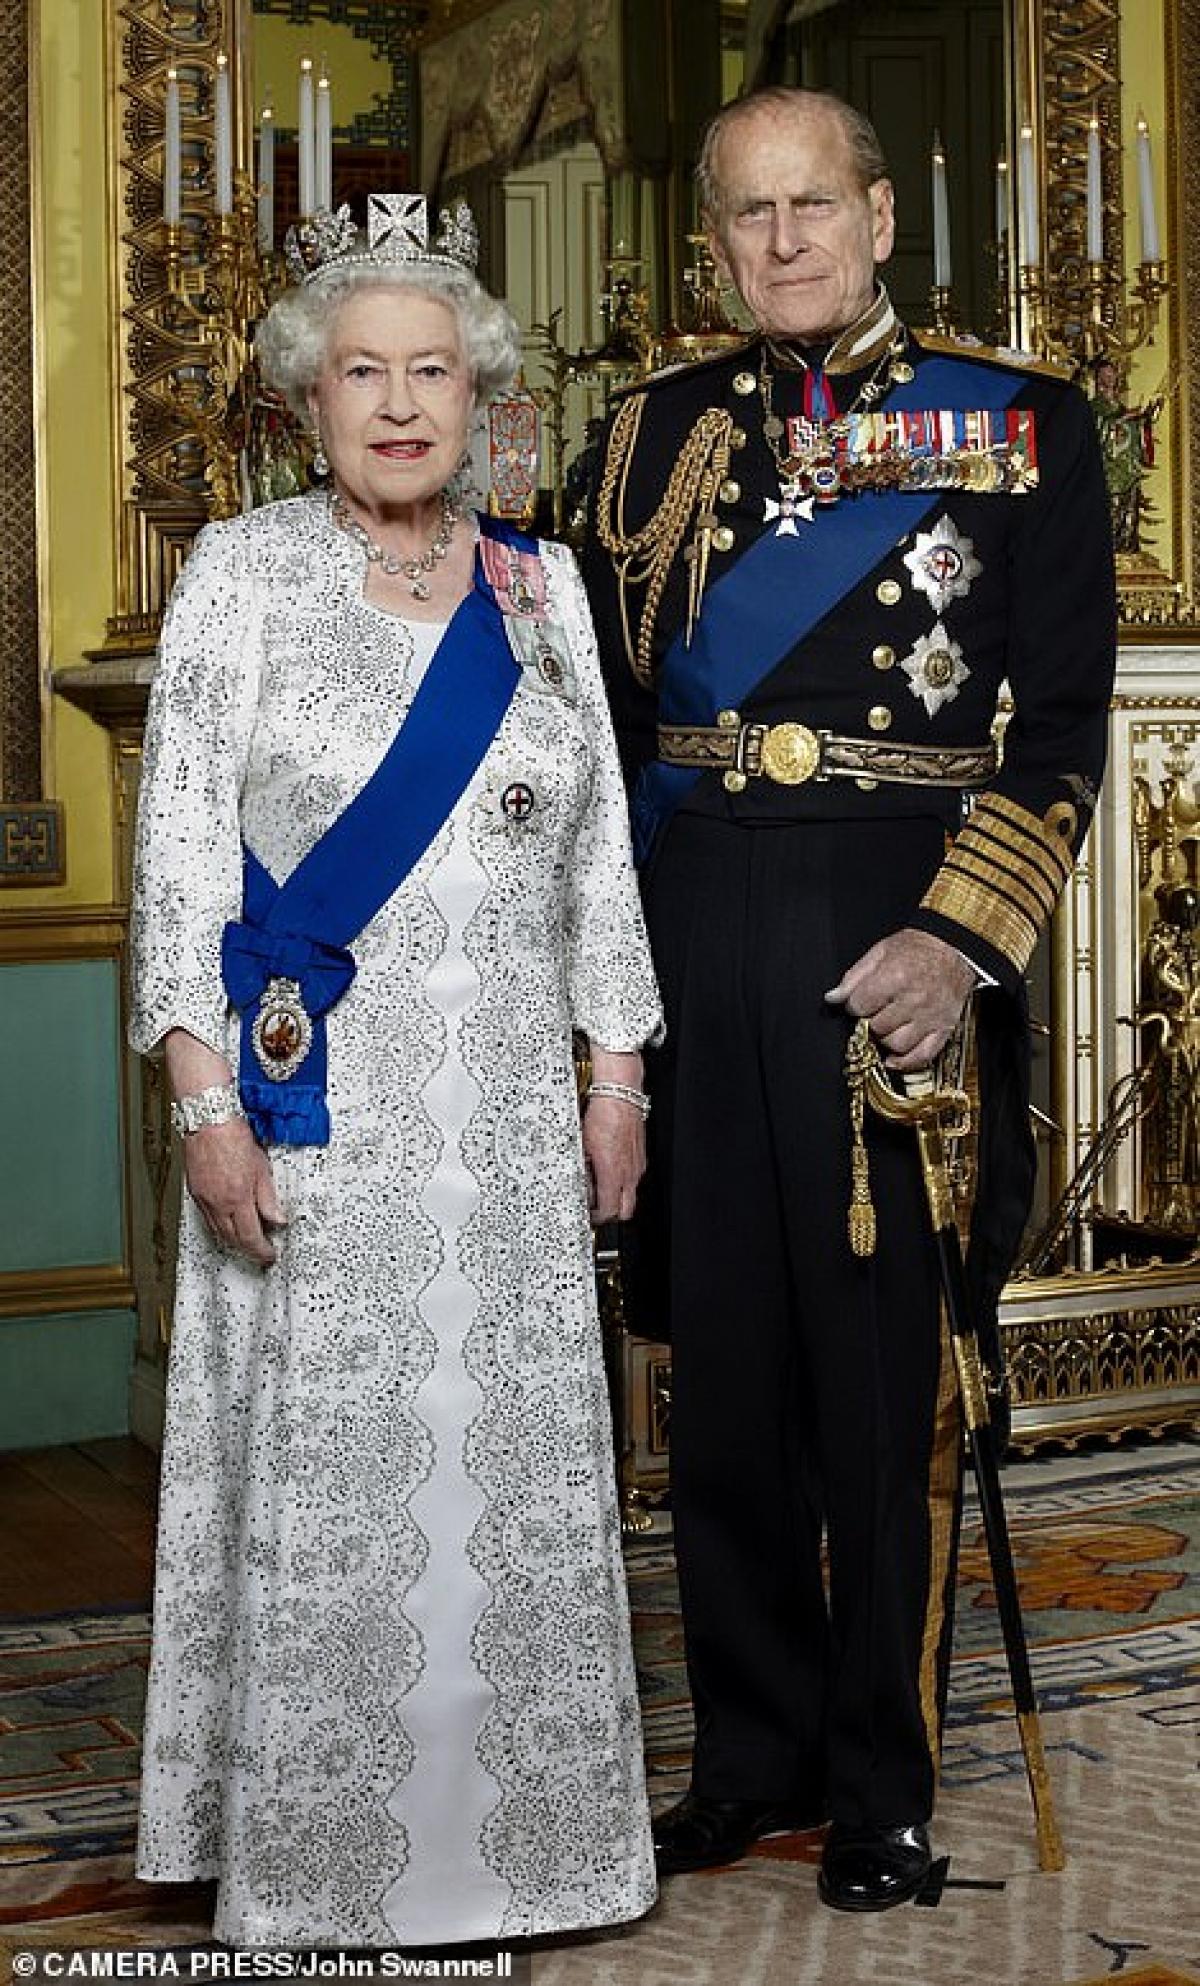 Đôi vợ chồng Philip-Elizabeth năm 2012, trong lễ kỷ niệm 60 năm ngày cưới của họ.